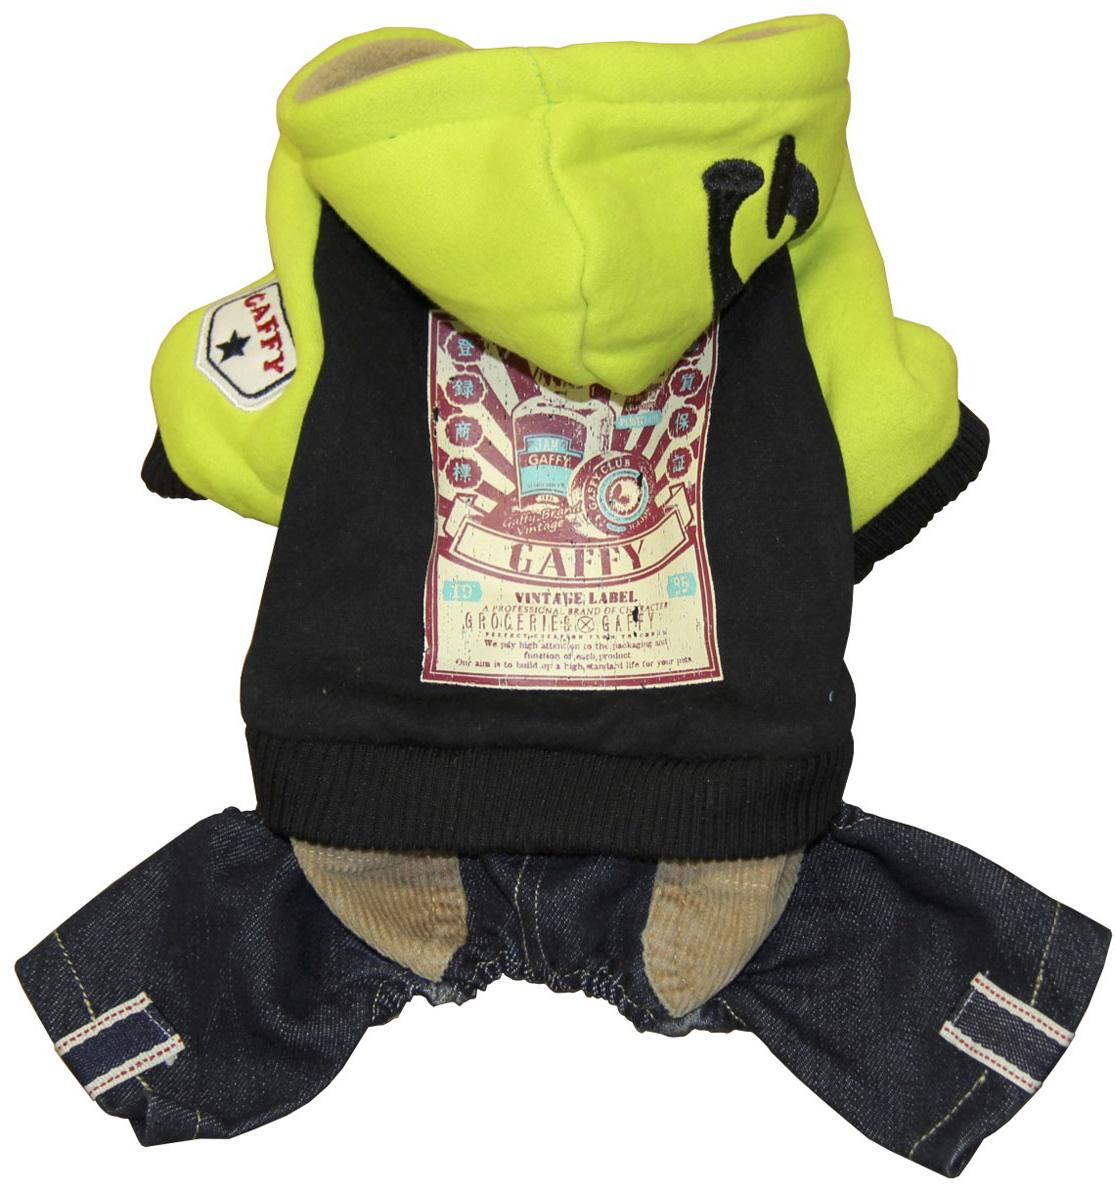 Костюм для собак Gaffy Pet Vintage Store, унисекс, цвет: салатовый, черный. Размер XS11003 XSКостюм для собак Gaffy Pet Vintage Store имеет актуальное сочетание цветов и фактур. Модель дополнена стильным рисунком в винтажном стиле.Цельный костюм состоит из 2-х частей: темно-синие джинсы, черная толстовка с салатовыми рукавами и капюшоном. Толстовка двух цветов дополнена синими джинсами с вельветовыми карманами.Модель фиксируется на животе металлическими кнопками. Обхват шеи: 20 см.Обхват груди: 35 см.Длина спины: 22 см.Одежда для собак: нужна ли она и как её выбрать. Статья OZON Гид